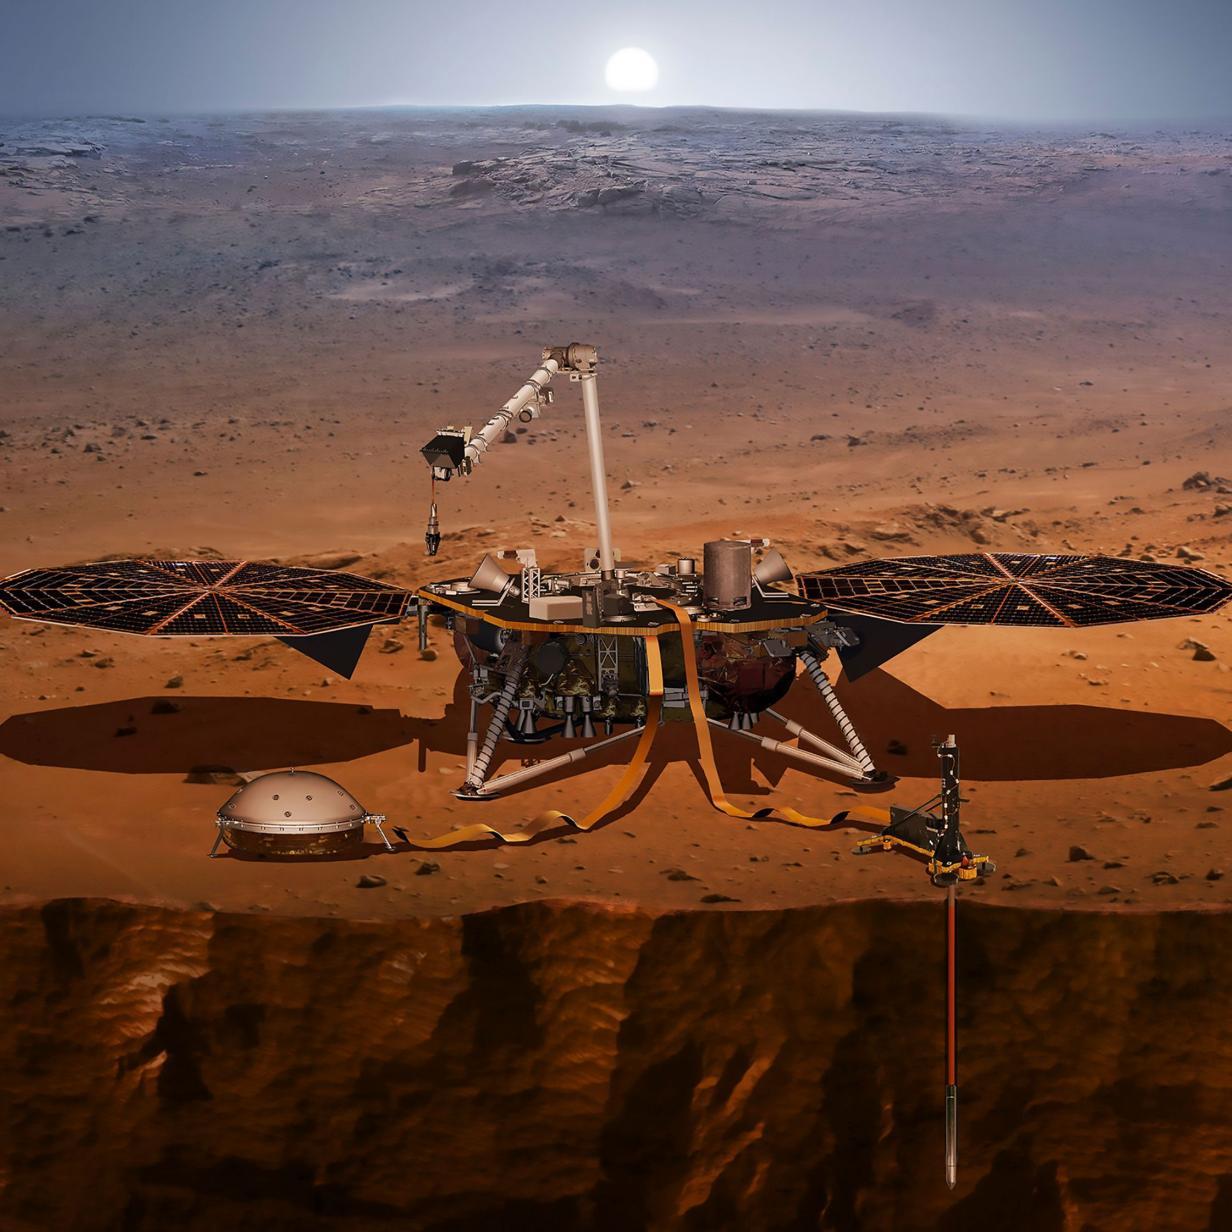 Bohrung auf dem Mars kommt wieder in die Gänge